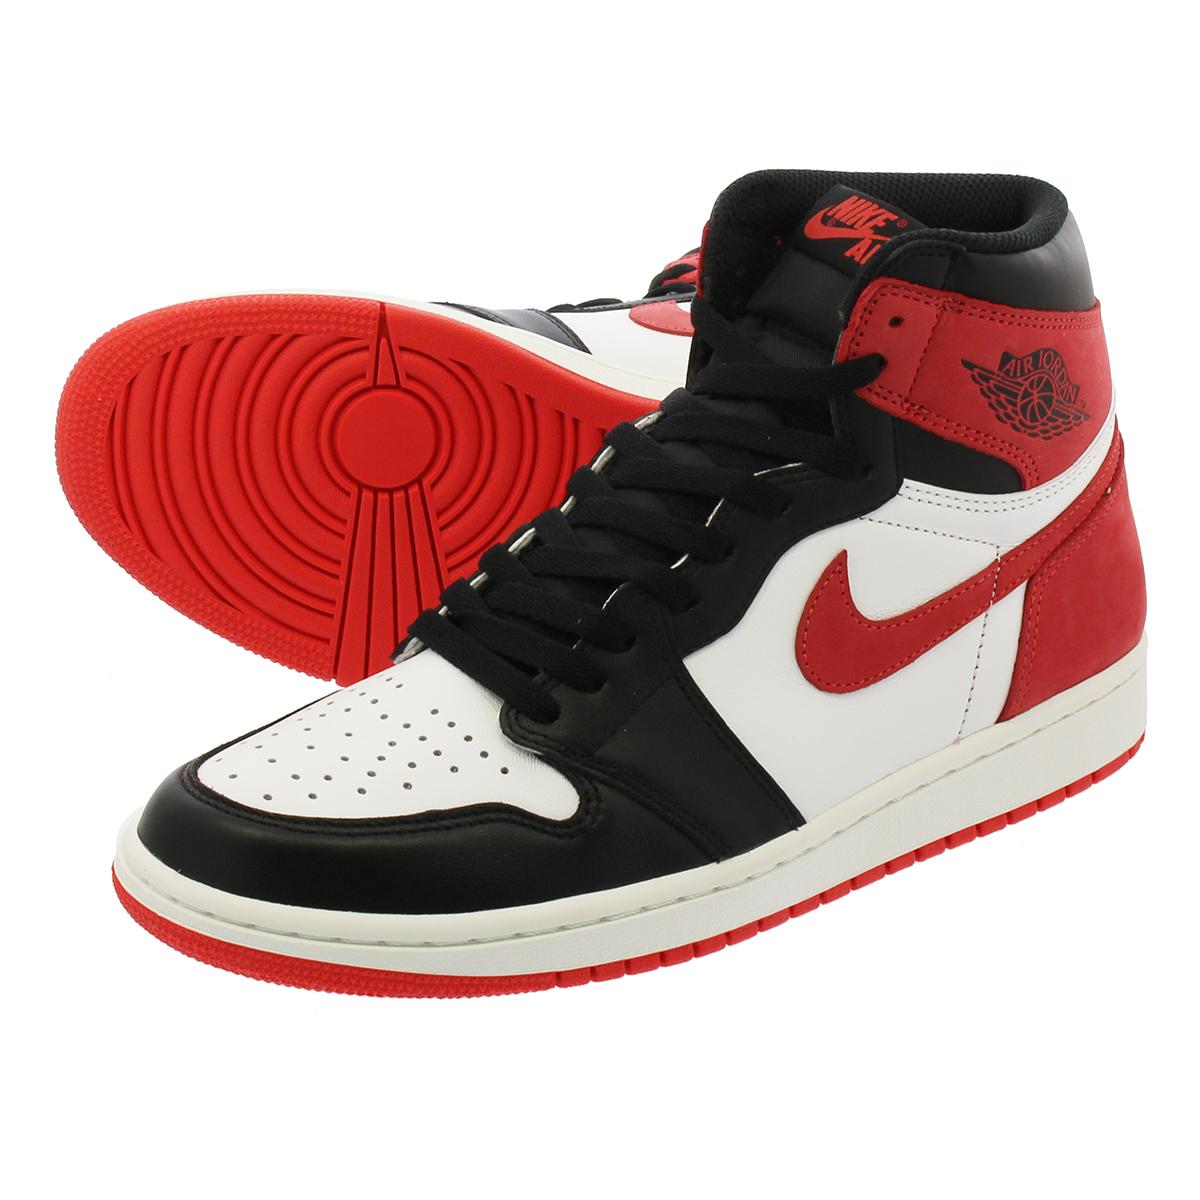 7e7d2252169c NIKE AIR JORDAN 1 RETRO HIGH OG Nike Air Jordan 1 nostalgic high OG SUMMIT  WHITE BLACK TRACK RED